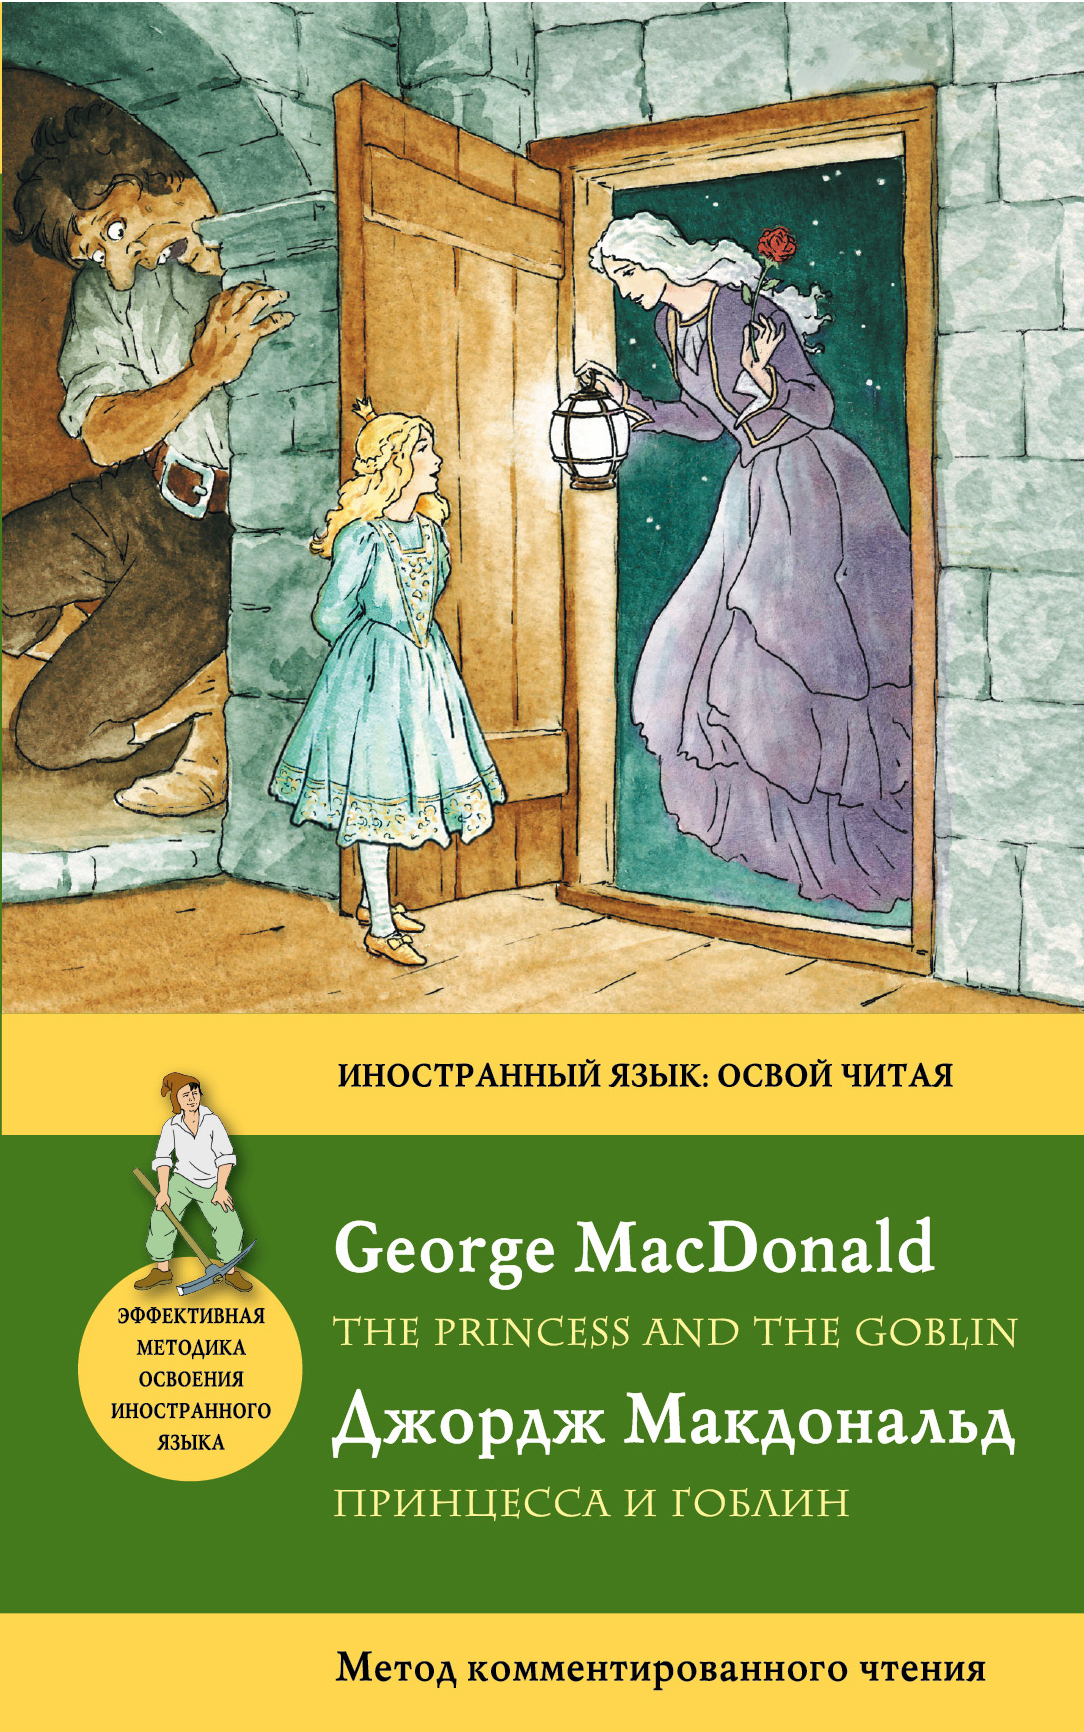 Принцесса и гоблин = The Princess and the Goblin. Метод комментированного чтения